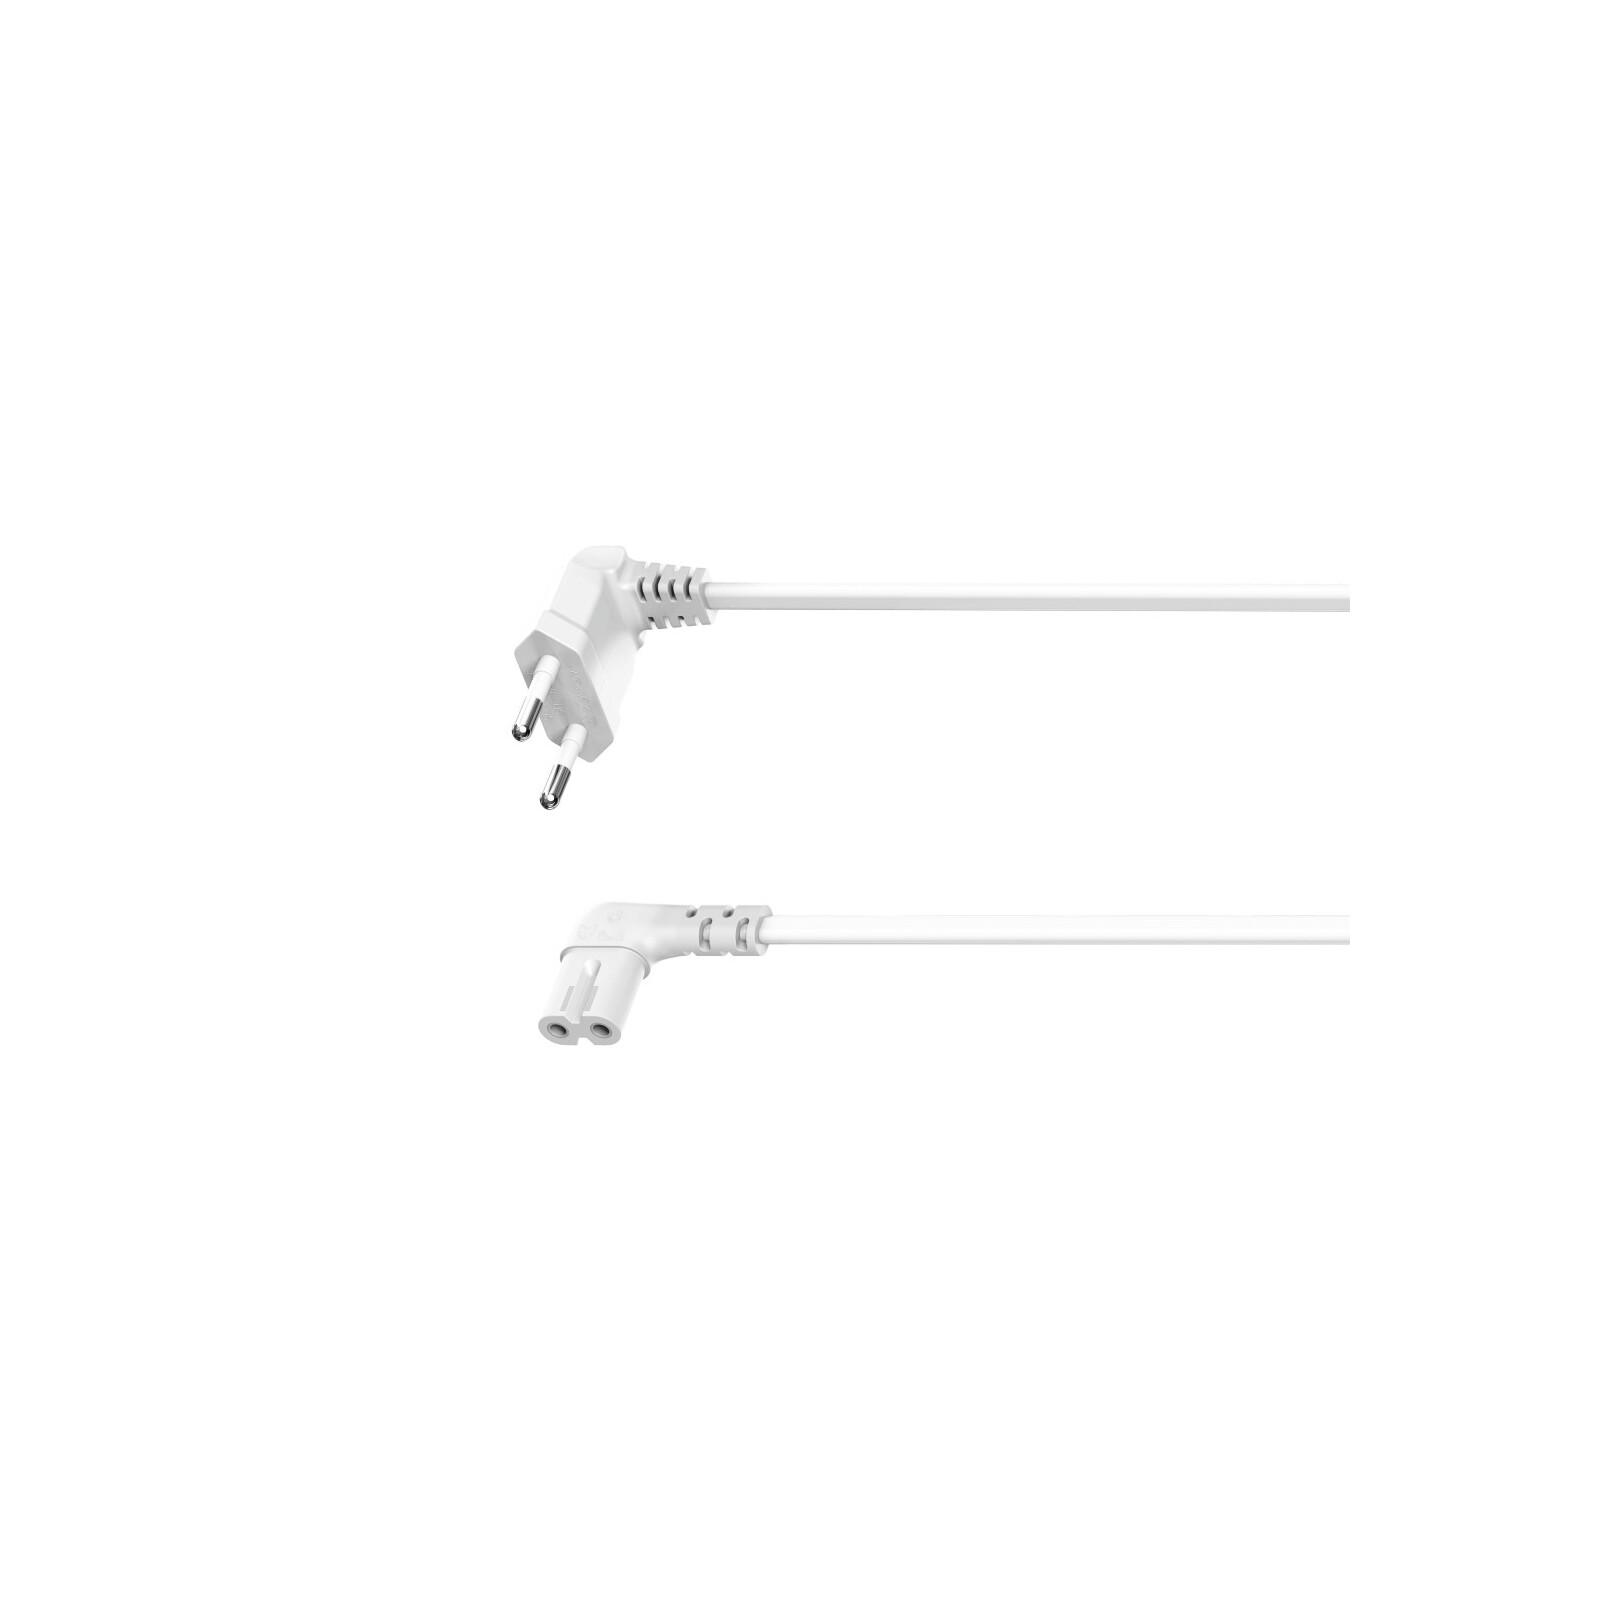 Hama Euro-Netzkabel 5m White